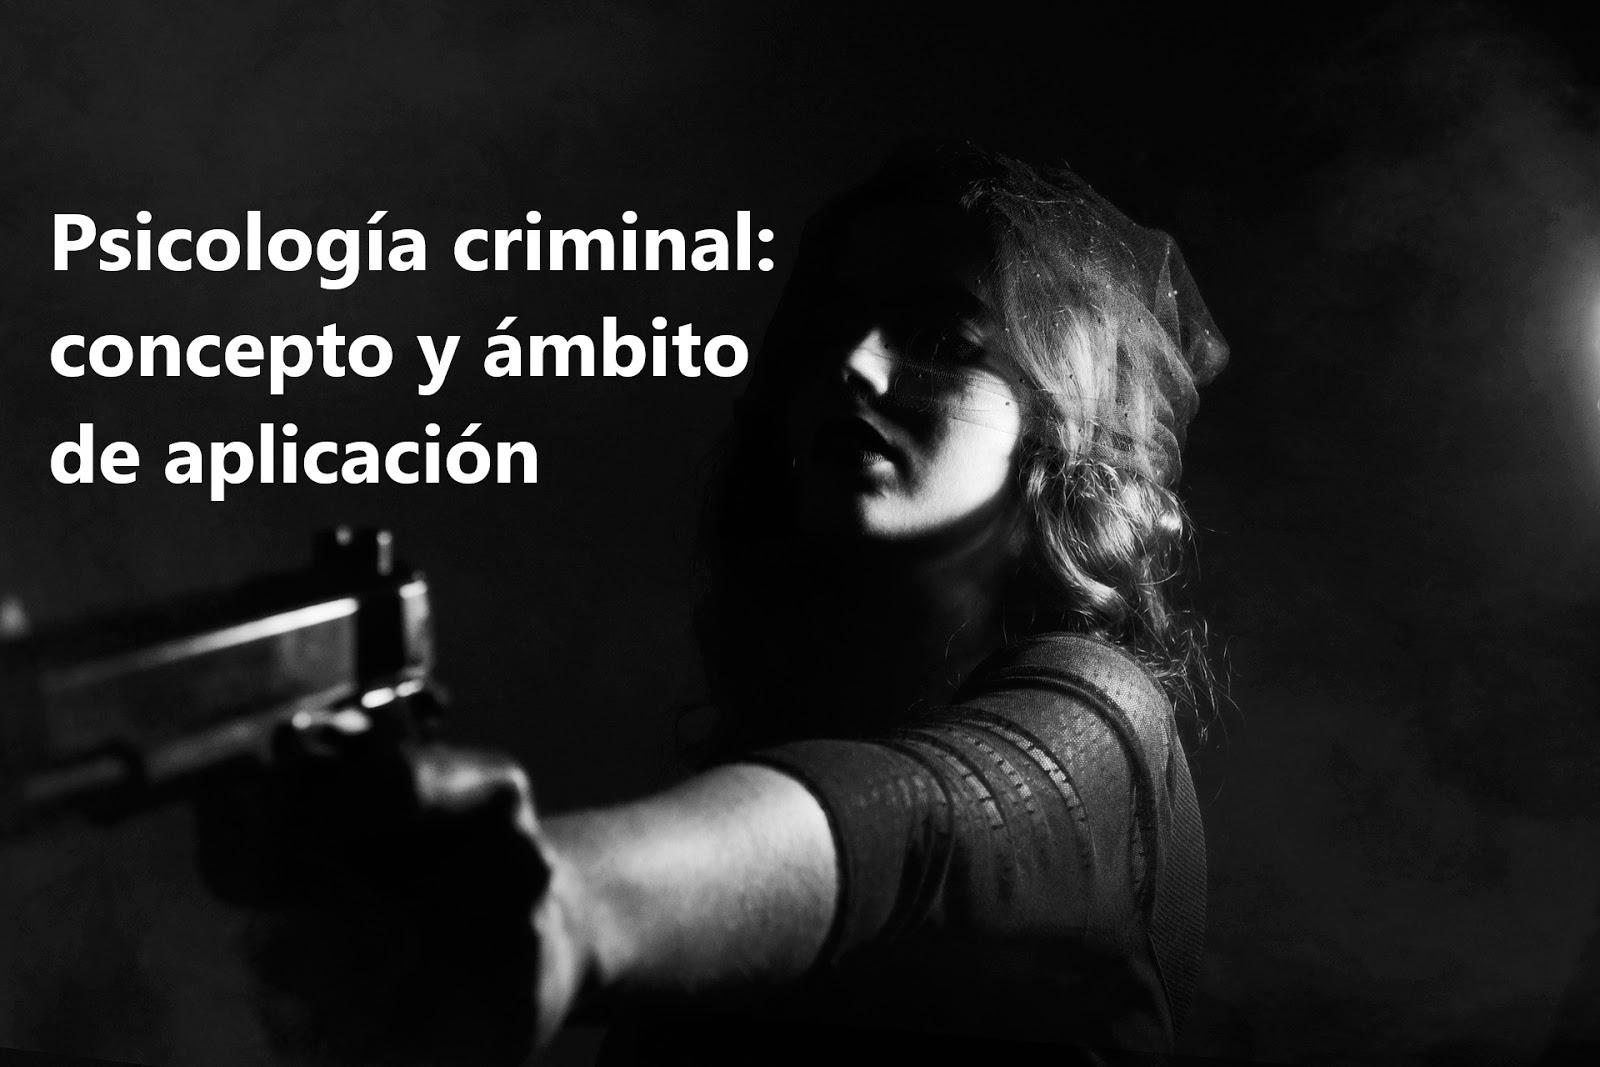 Manual de psicología criminal. Descarga gratis.